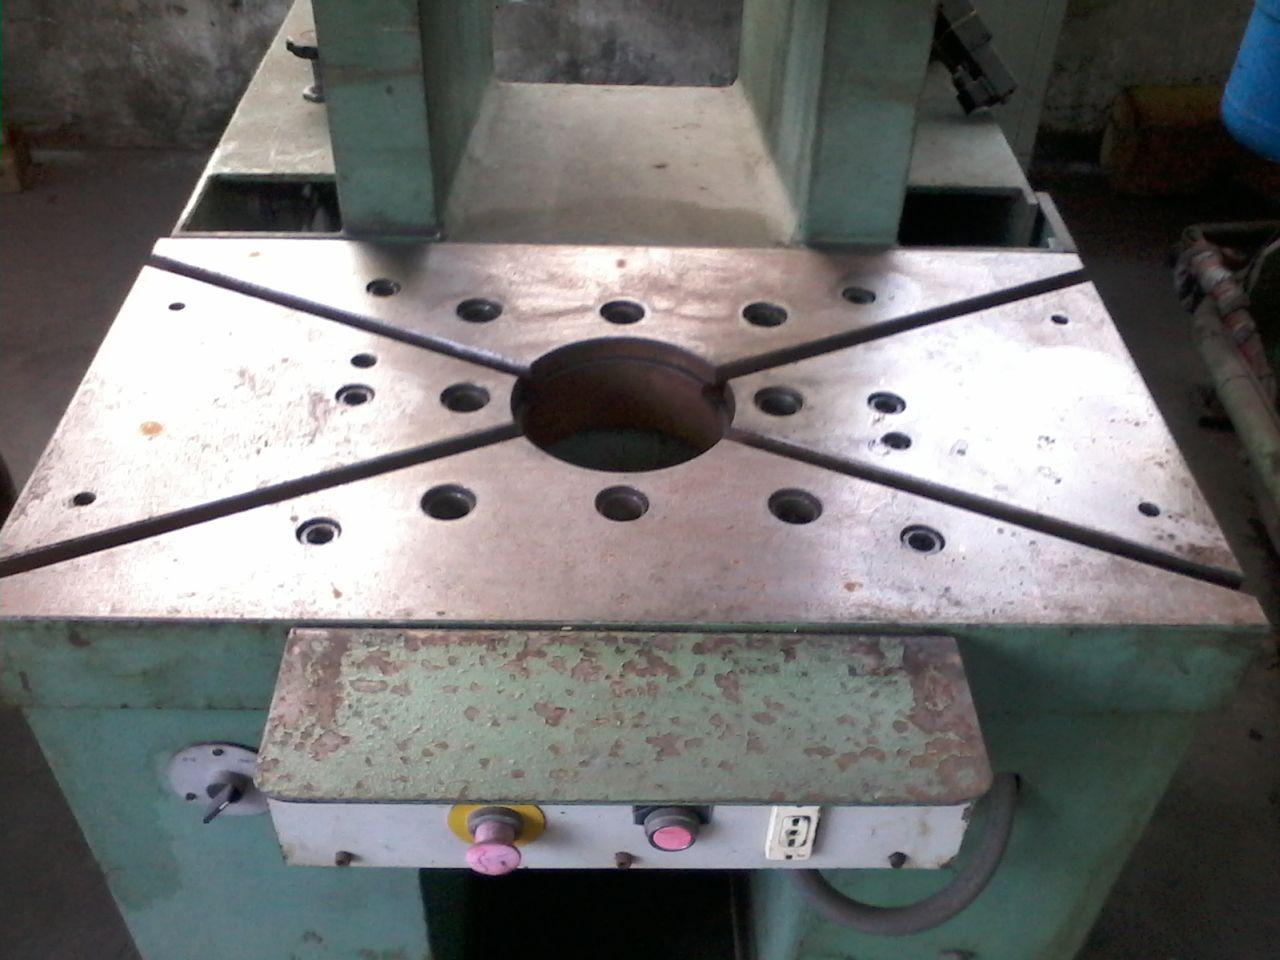 Macchine Utensili Usate Presse Presse Meccaniche Oltre 100 Ton Cnc